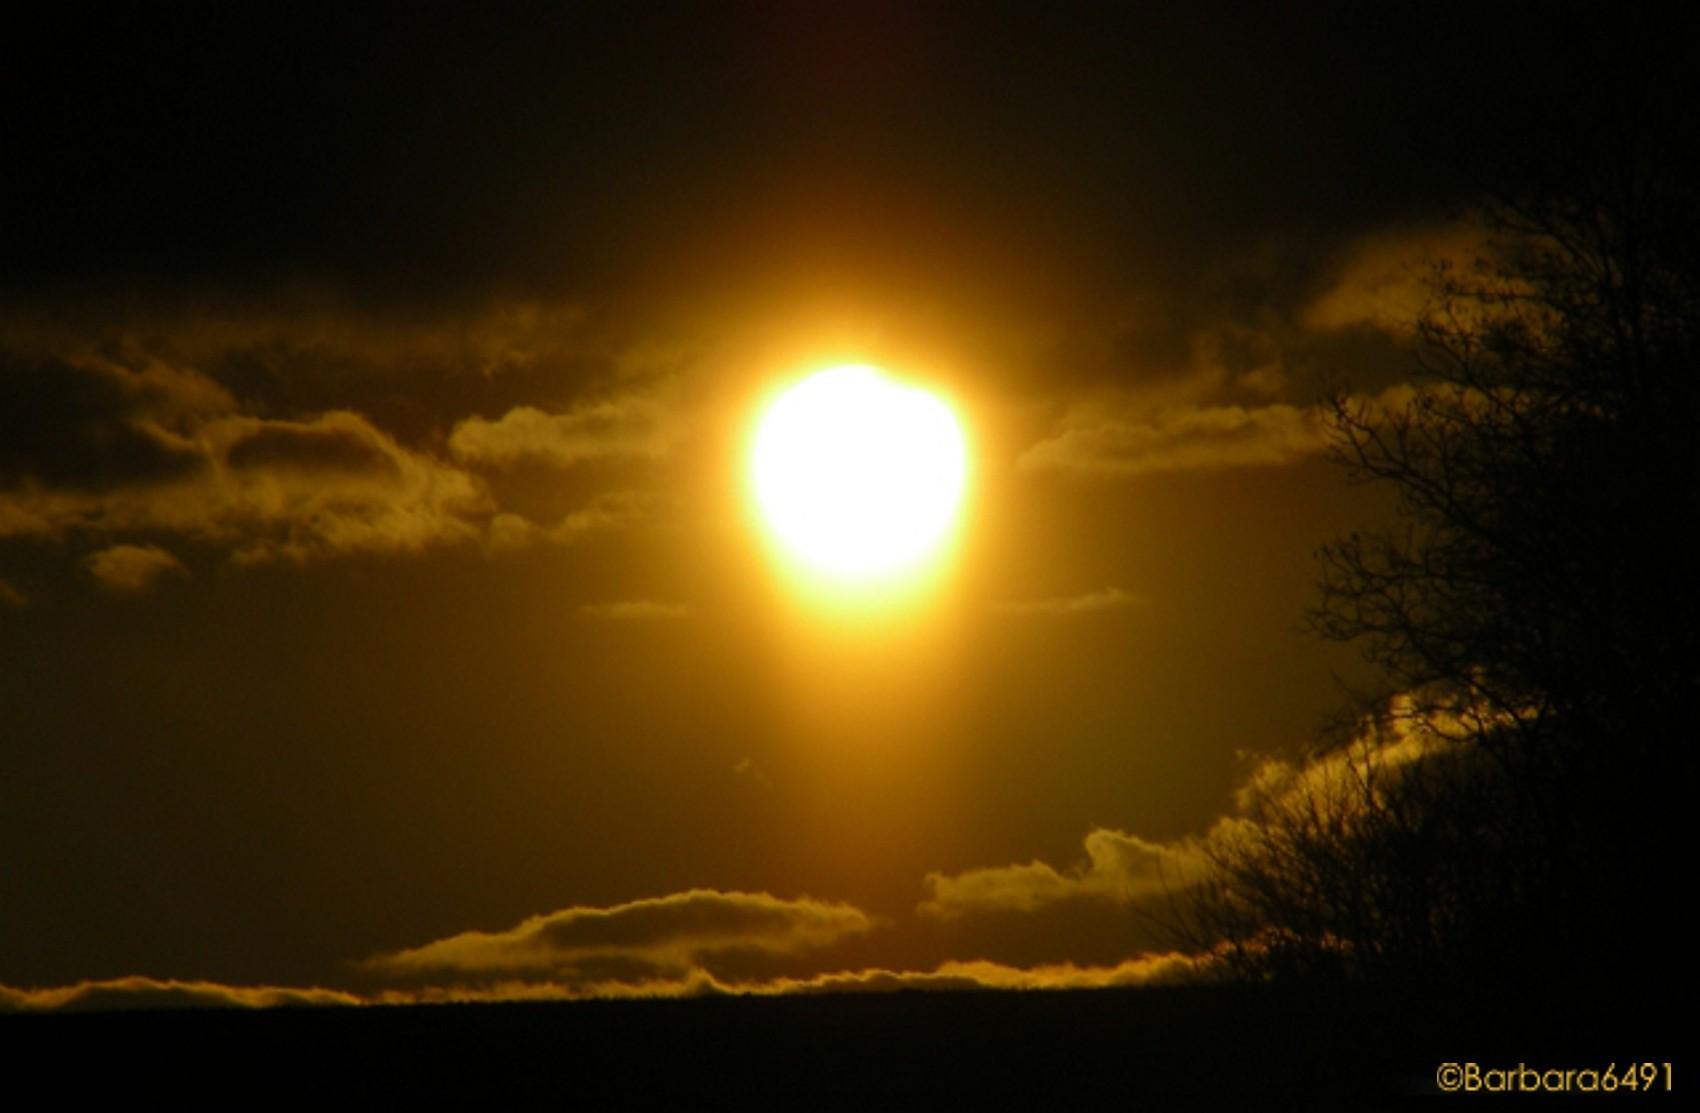 Gold'ne Abendsonne, wie bist du so schön...